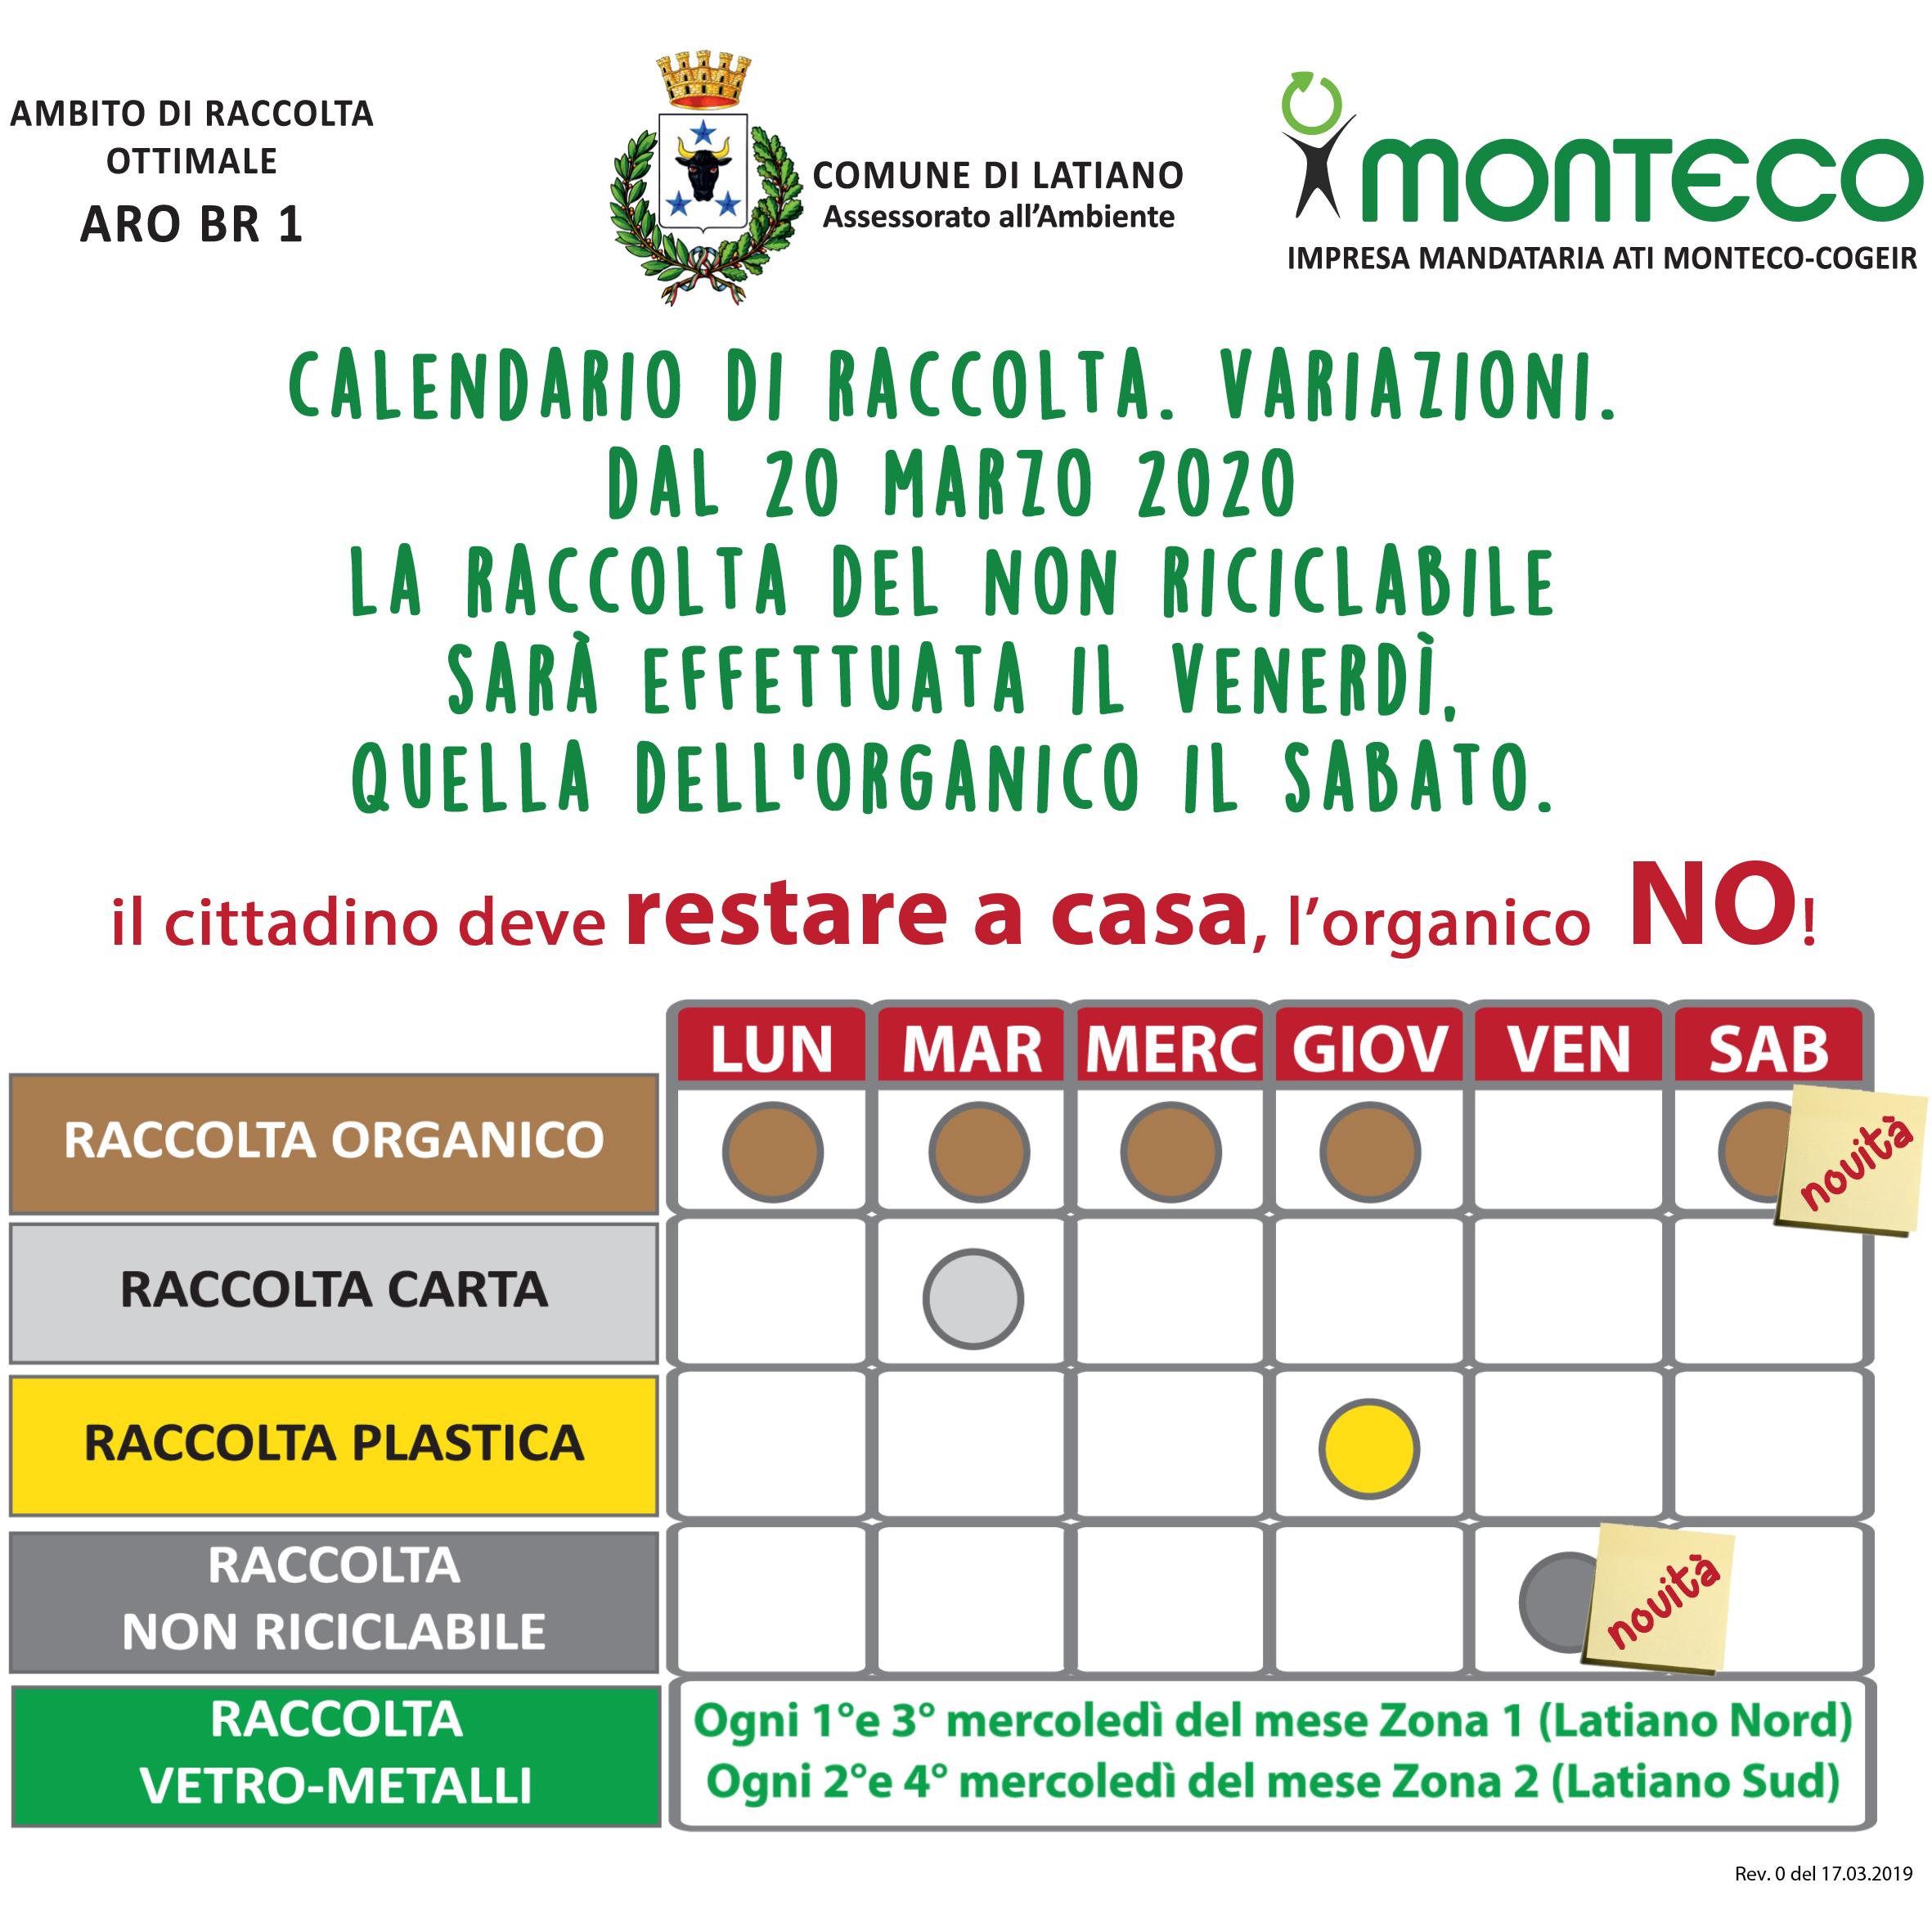 Monteco Calendario Galatina 2021 Latiano. Dal 20 marzo 2020 variazione al calendario di raccolta